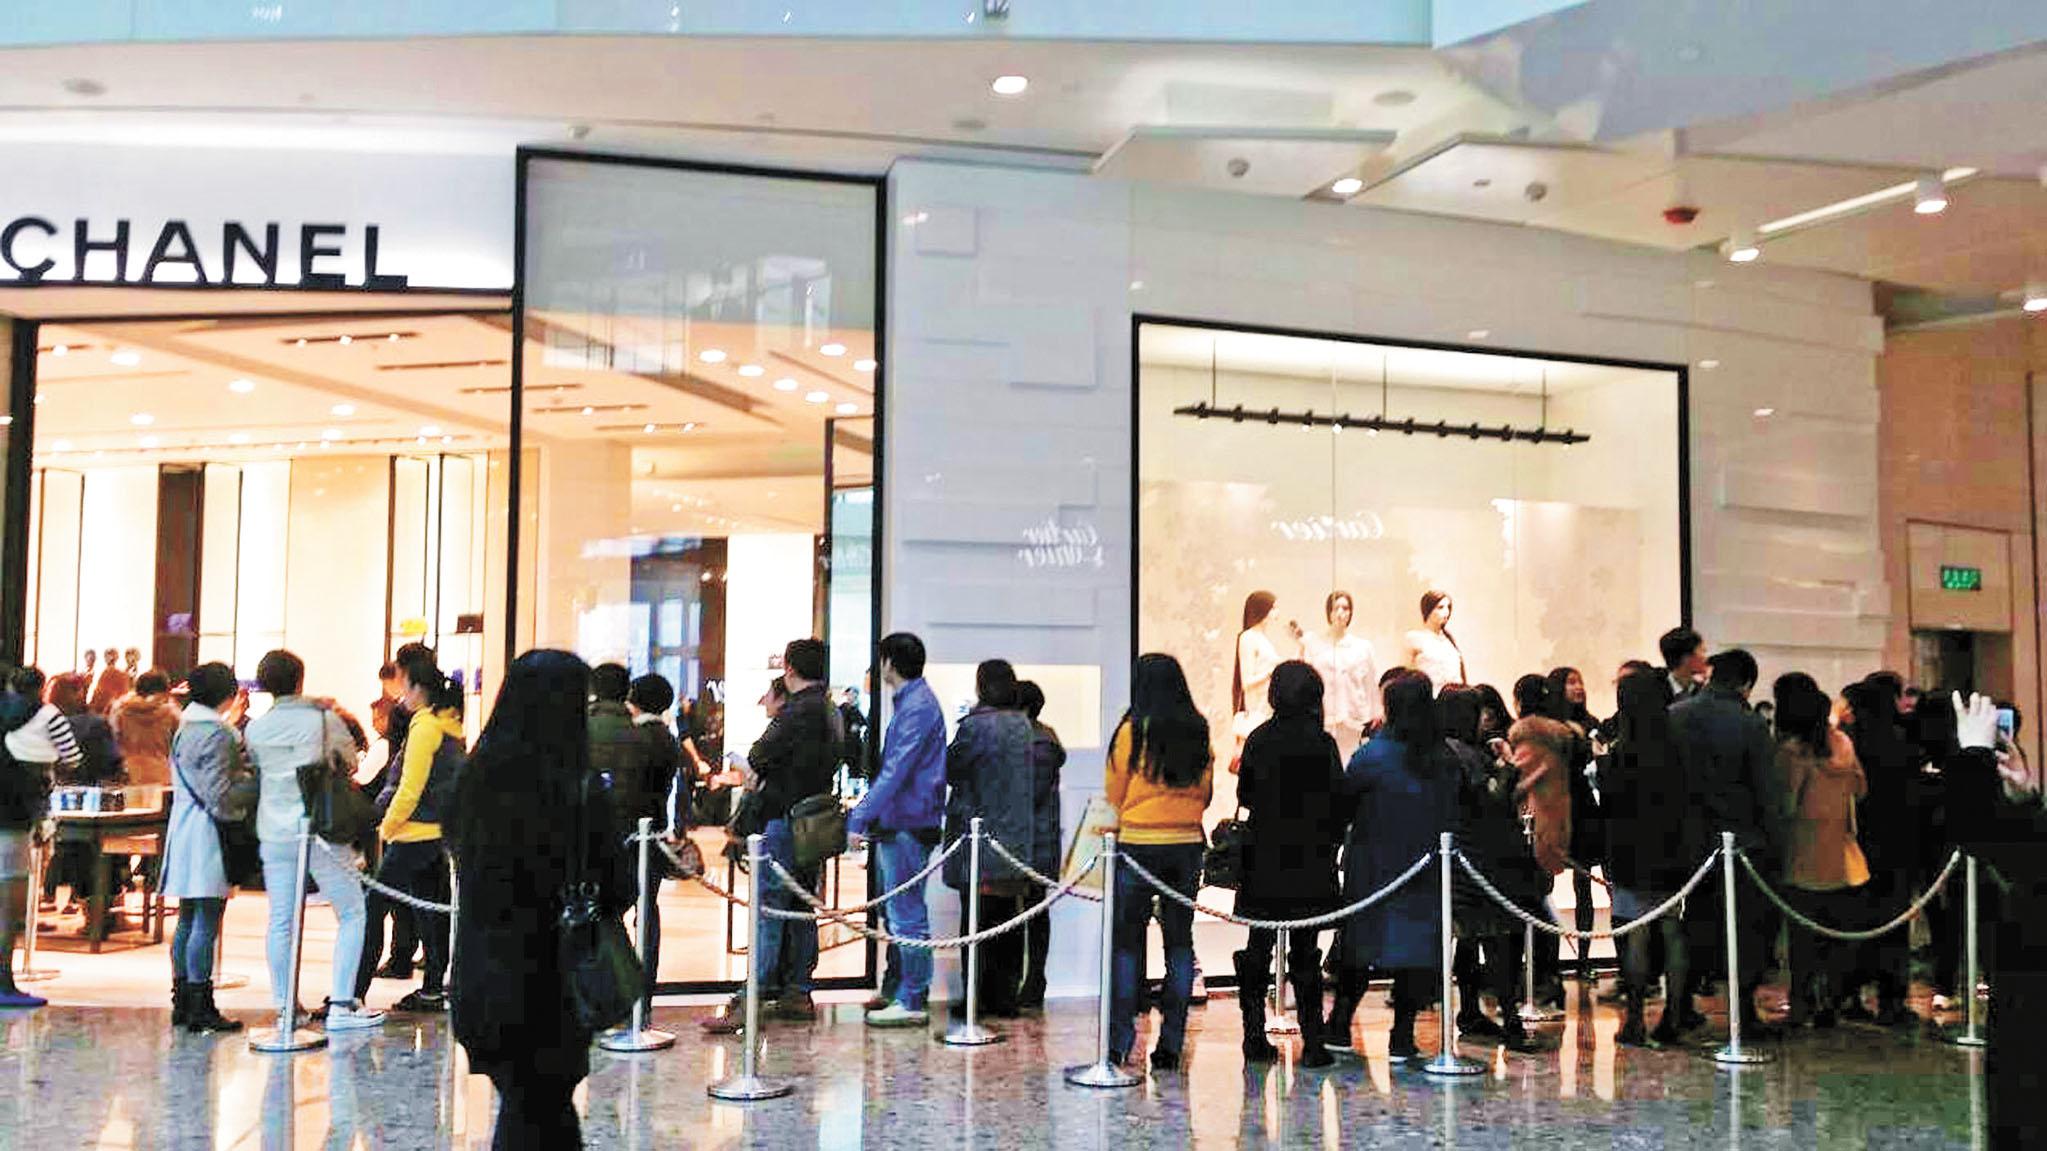 中國民眾財富增長迅速,近年來,消費水平大漲。圖為奢侈品牌上海門店外,不少人排隊購物。中新社資料圖片